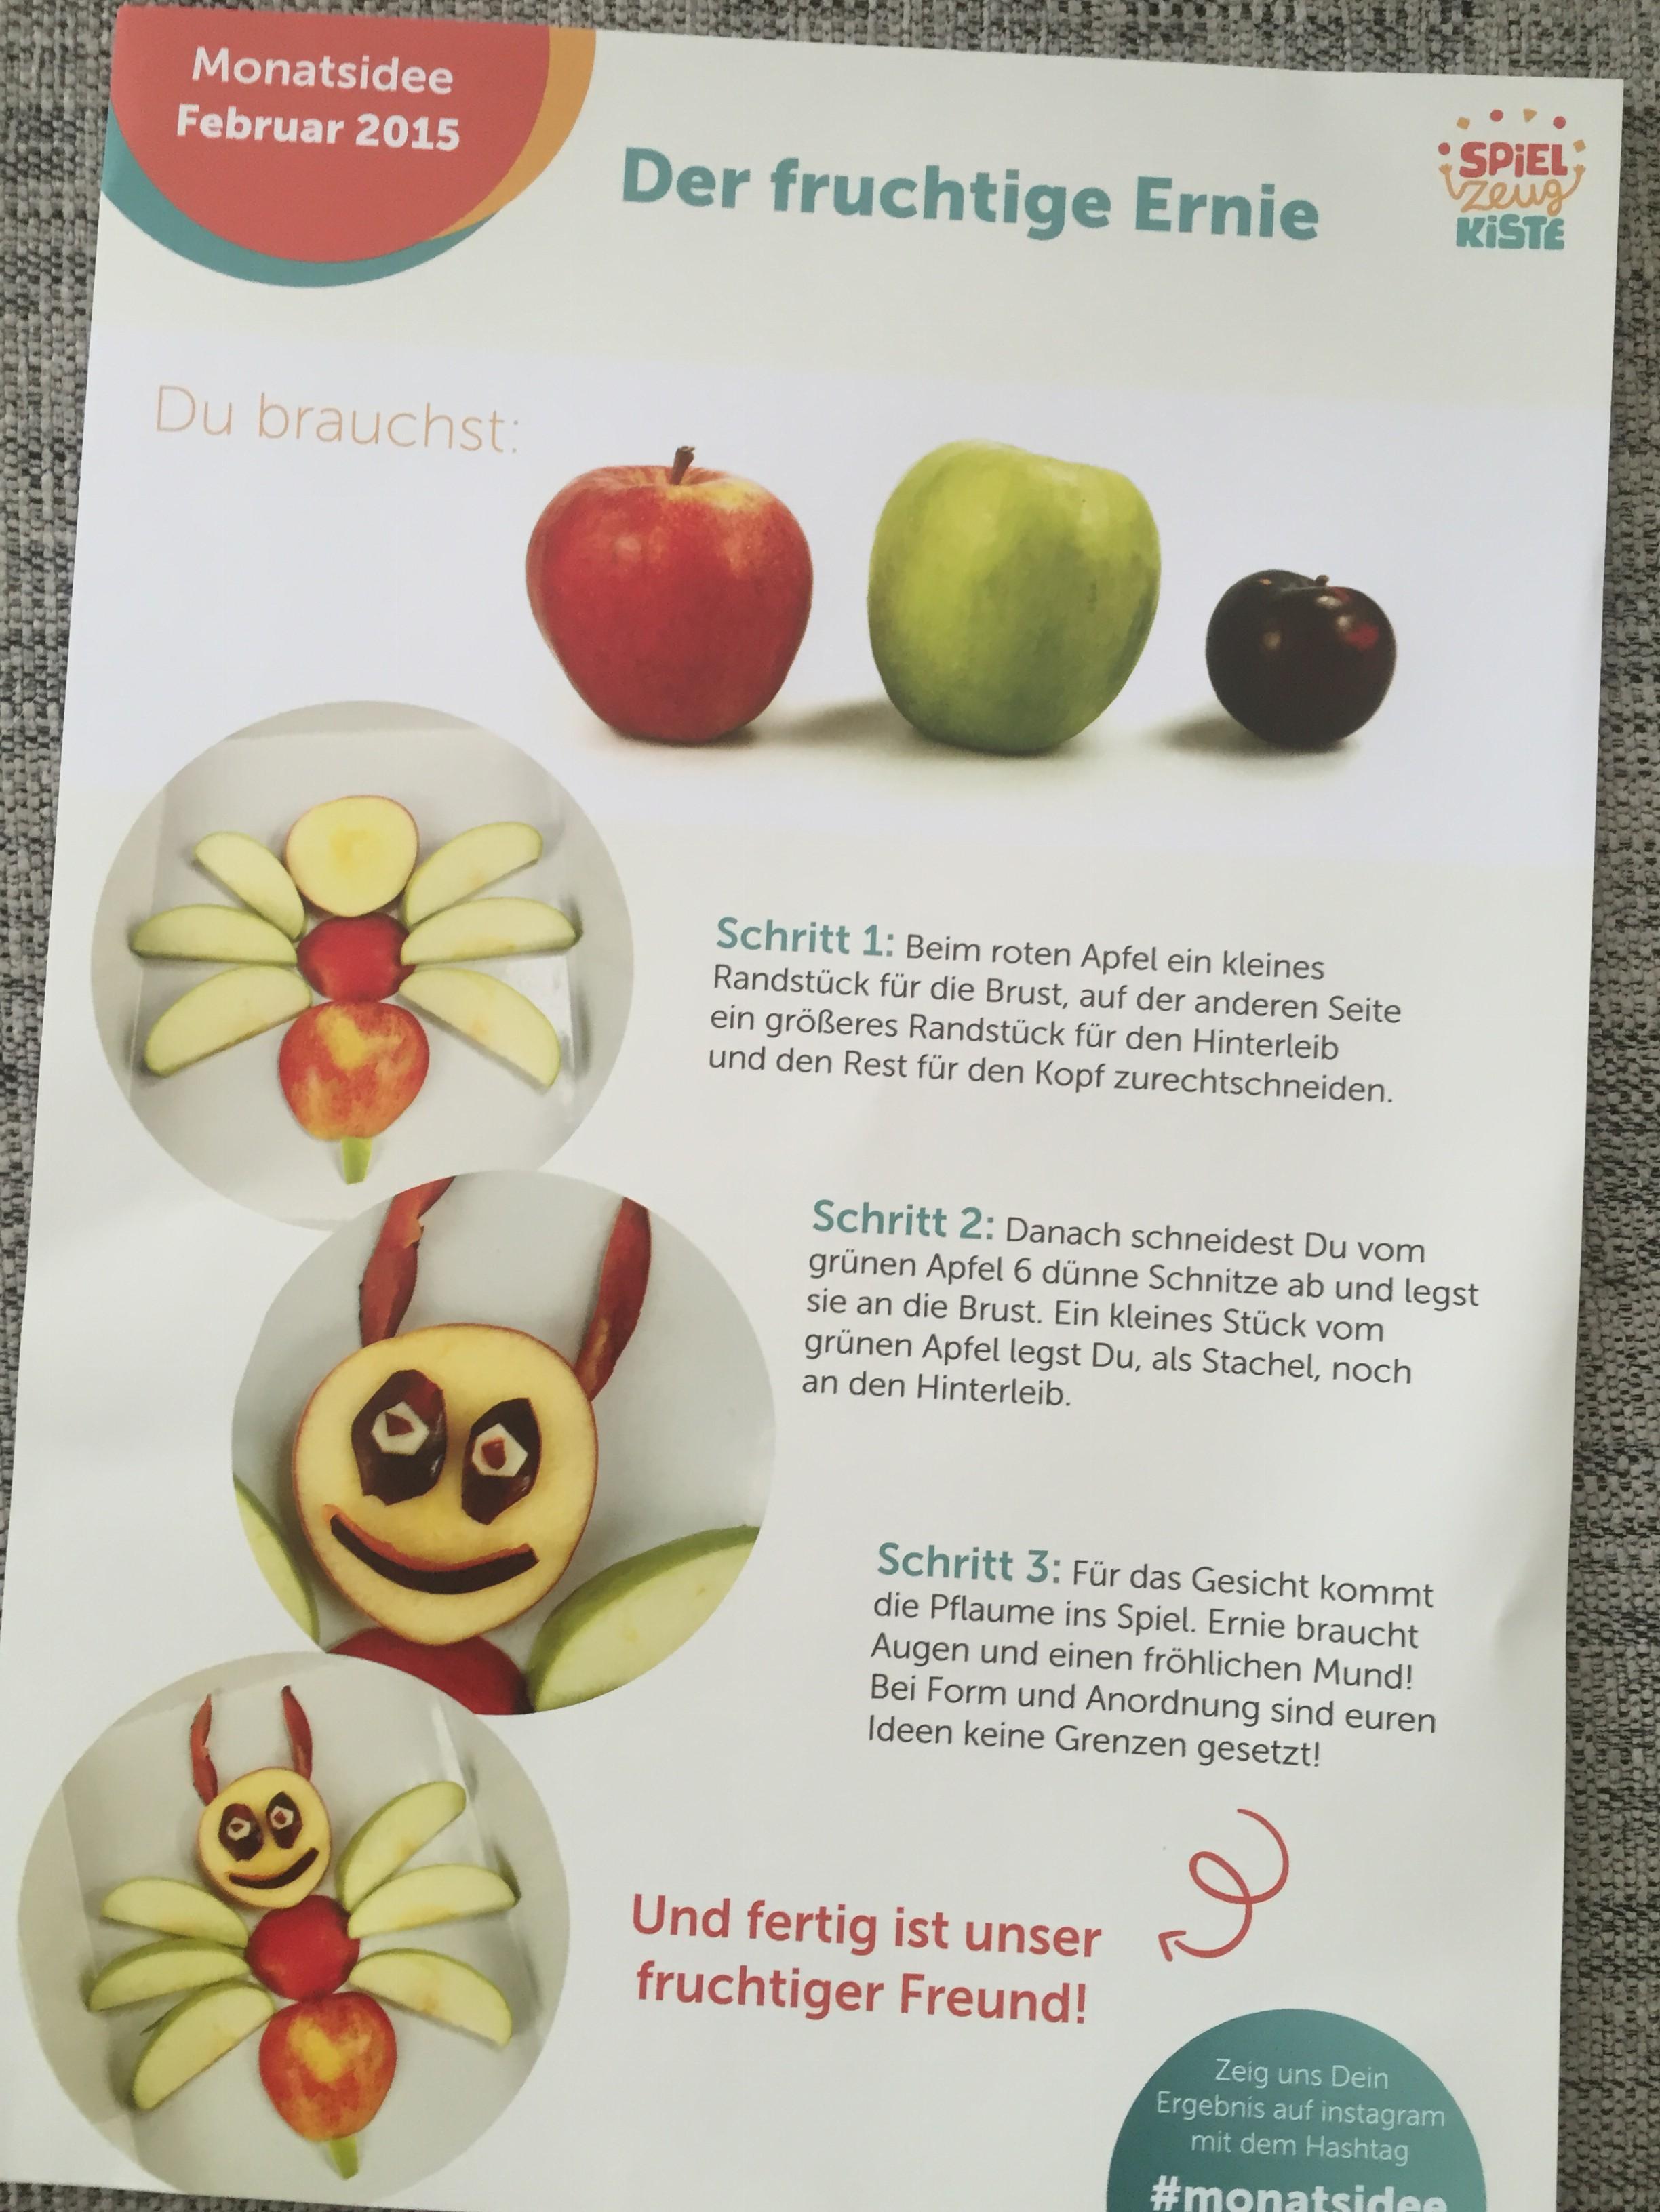 Der fruchtige Ernie